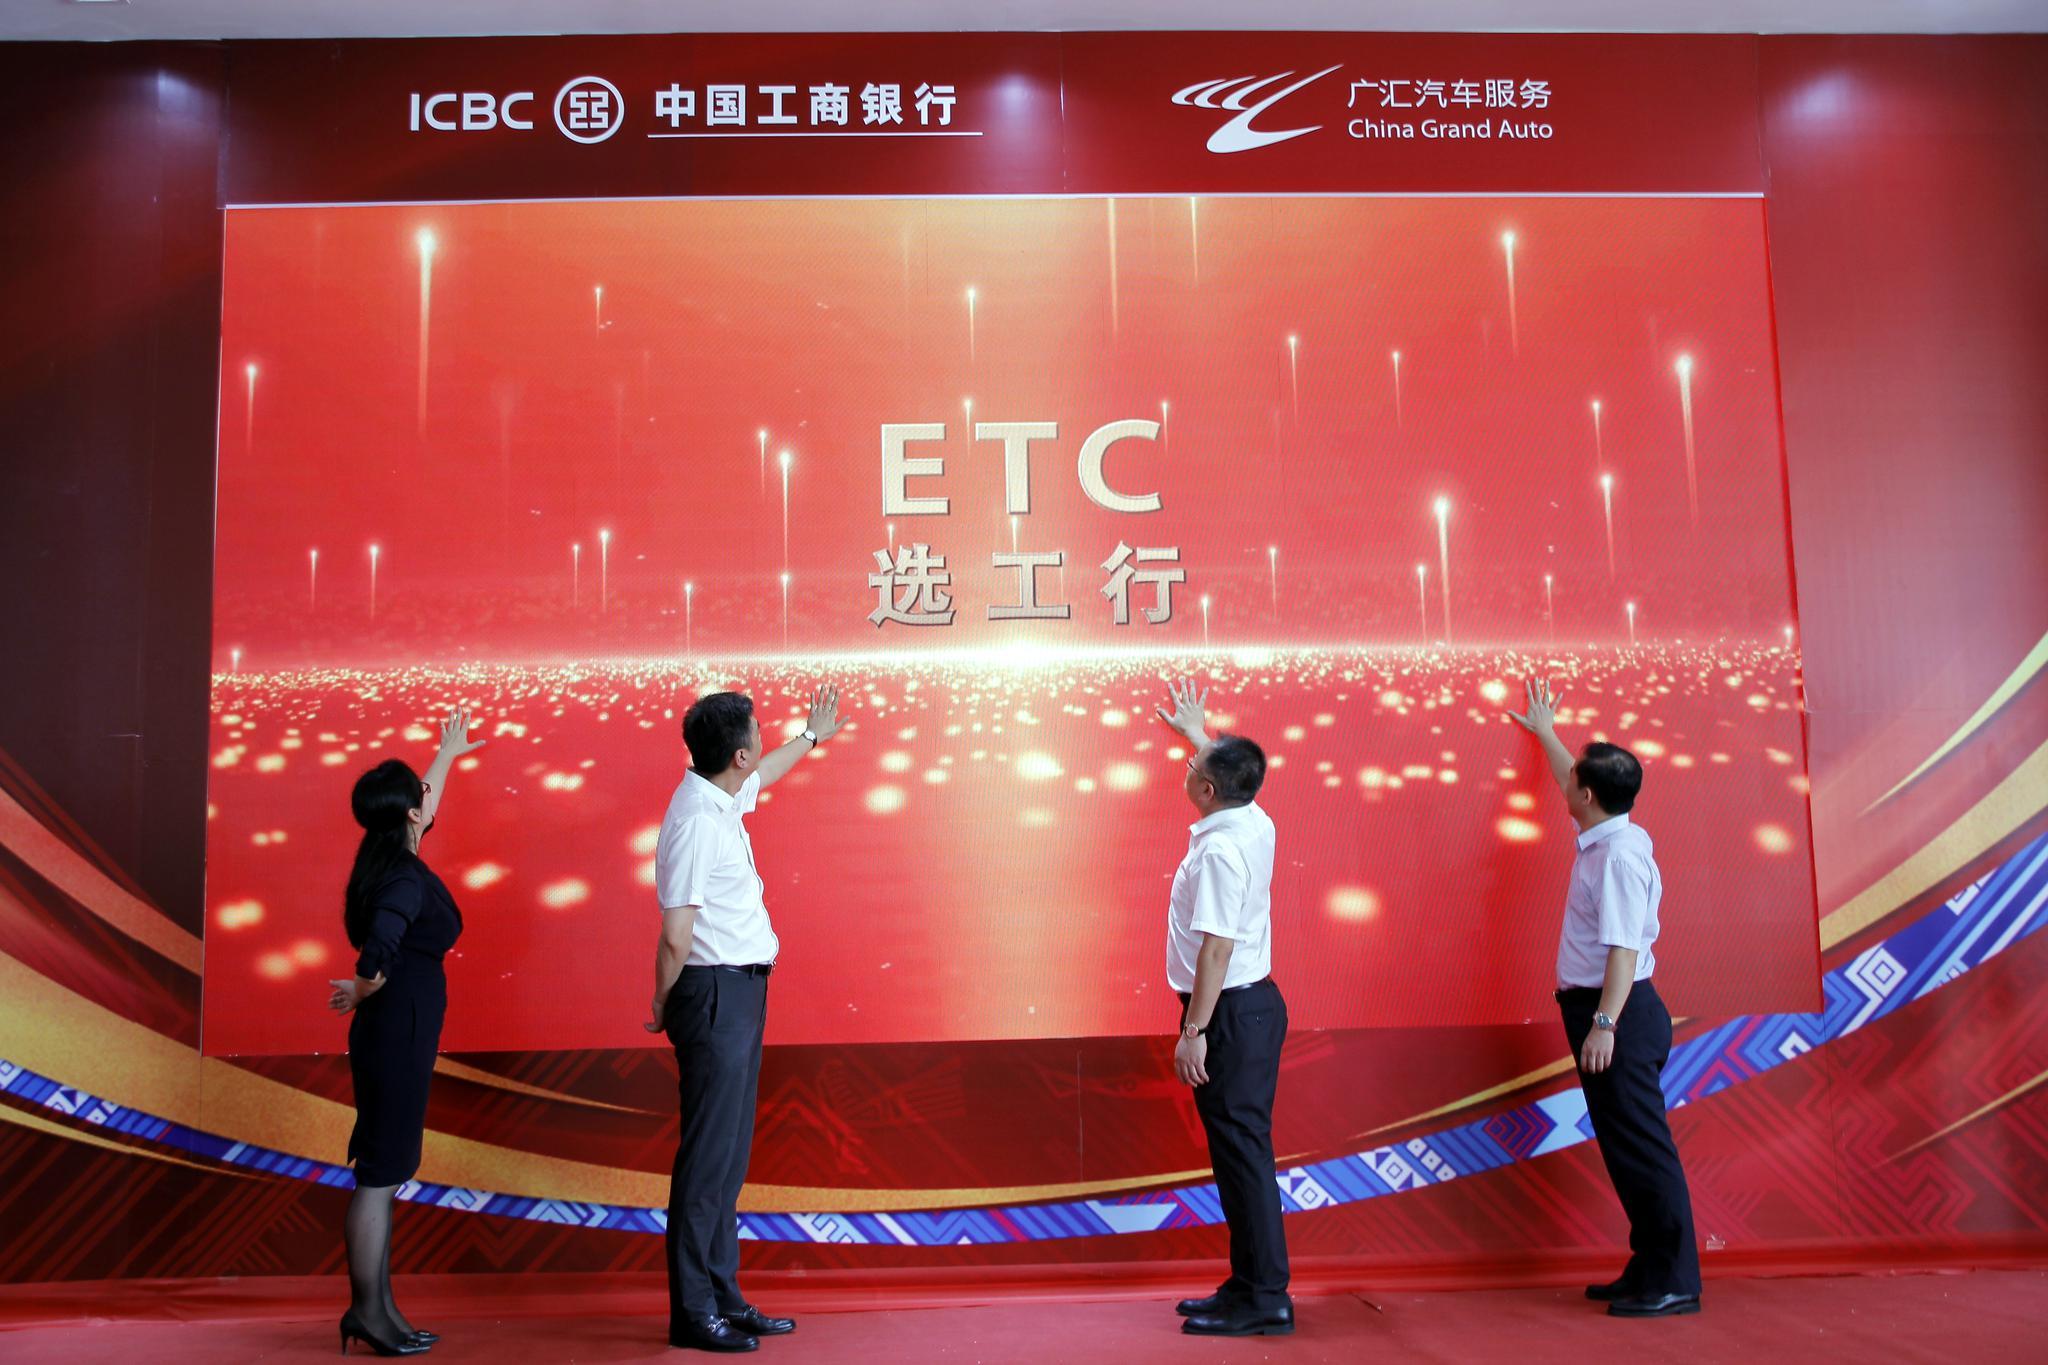 工行与广汇签订ETC业务合作协议